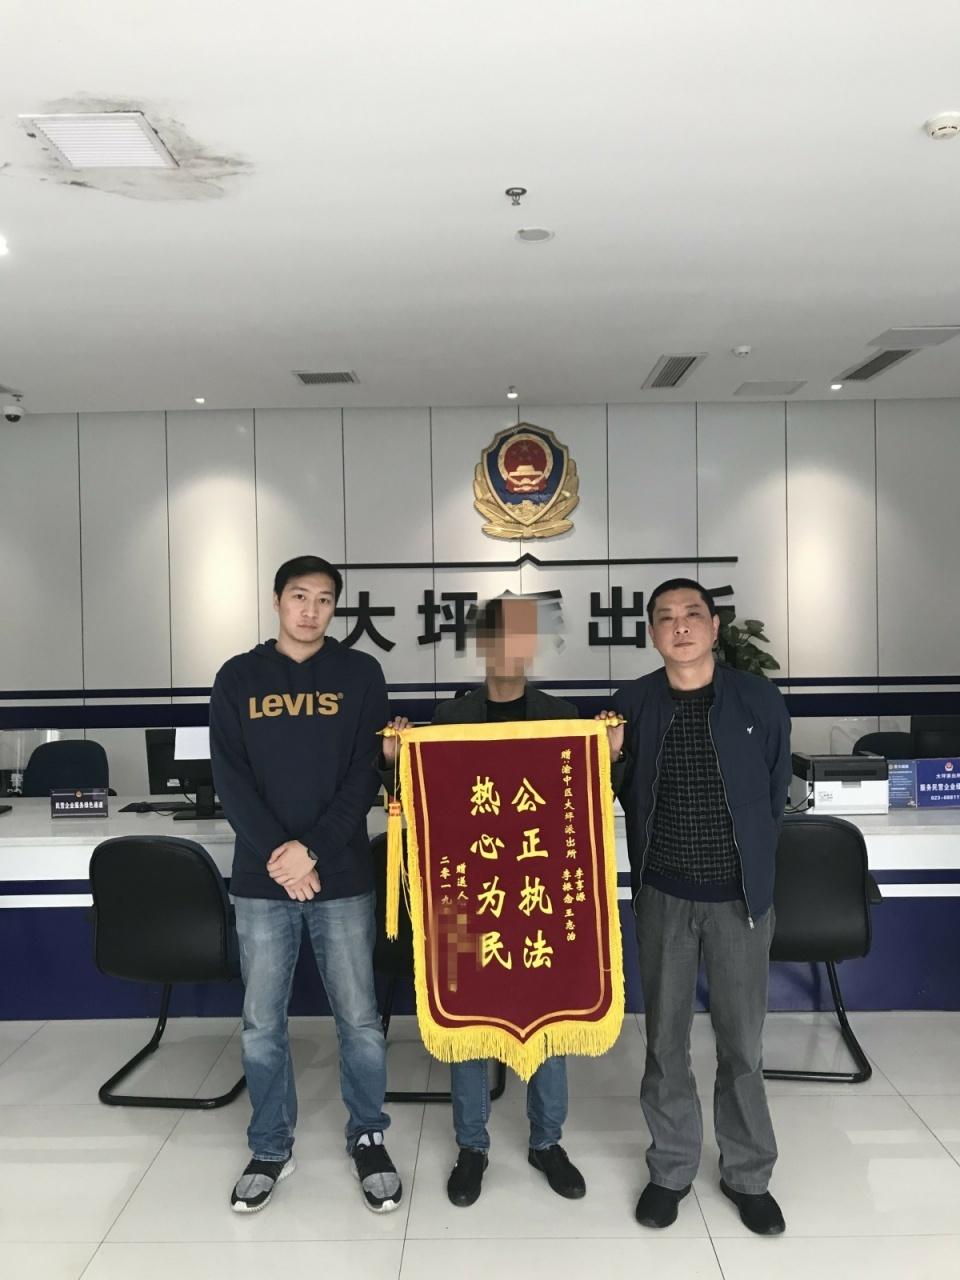 """图小利帮人""""养卡""""被骗两万余元 渝中警方跨省追逃破案获赠锦旗"""